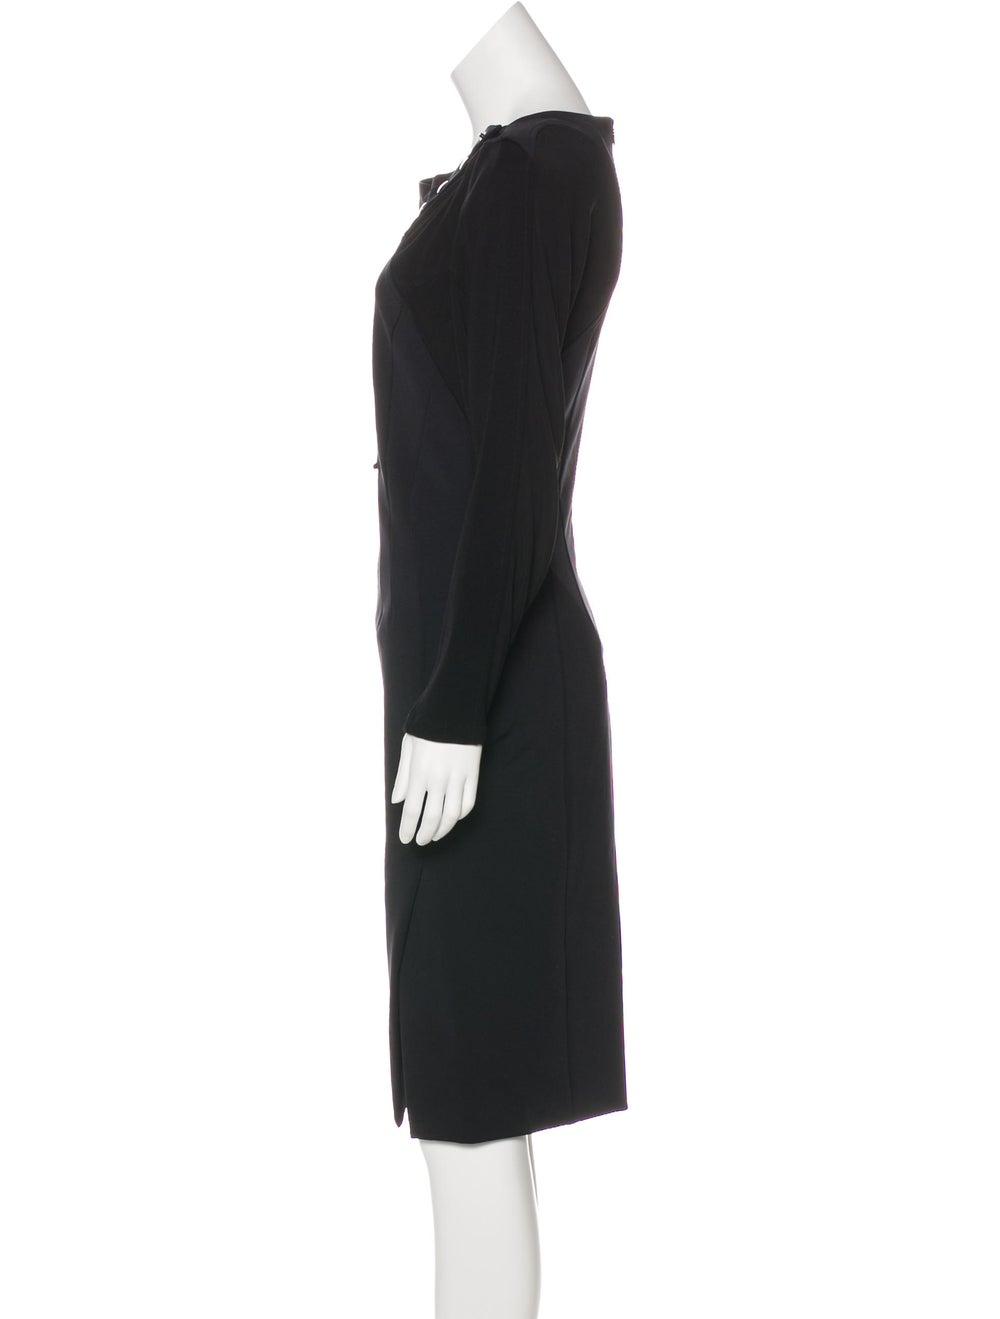 Altuzarra Embellished Midi Dress Black - image 2